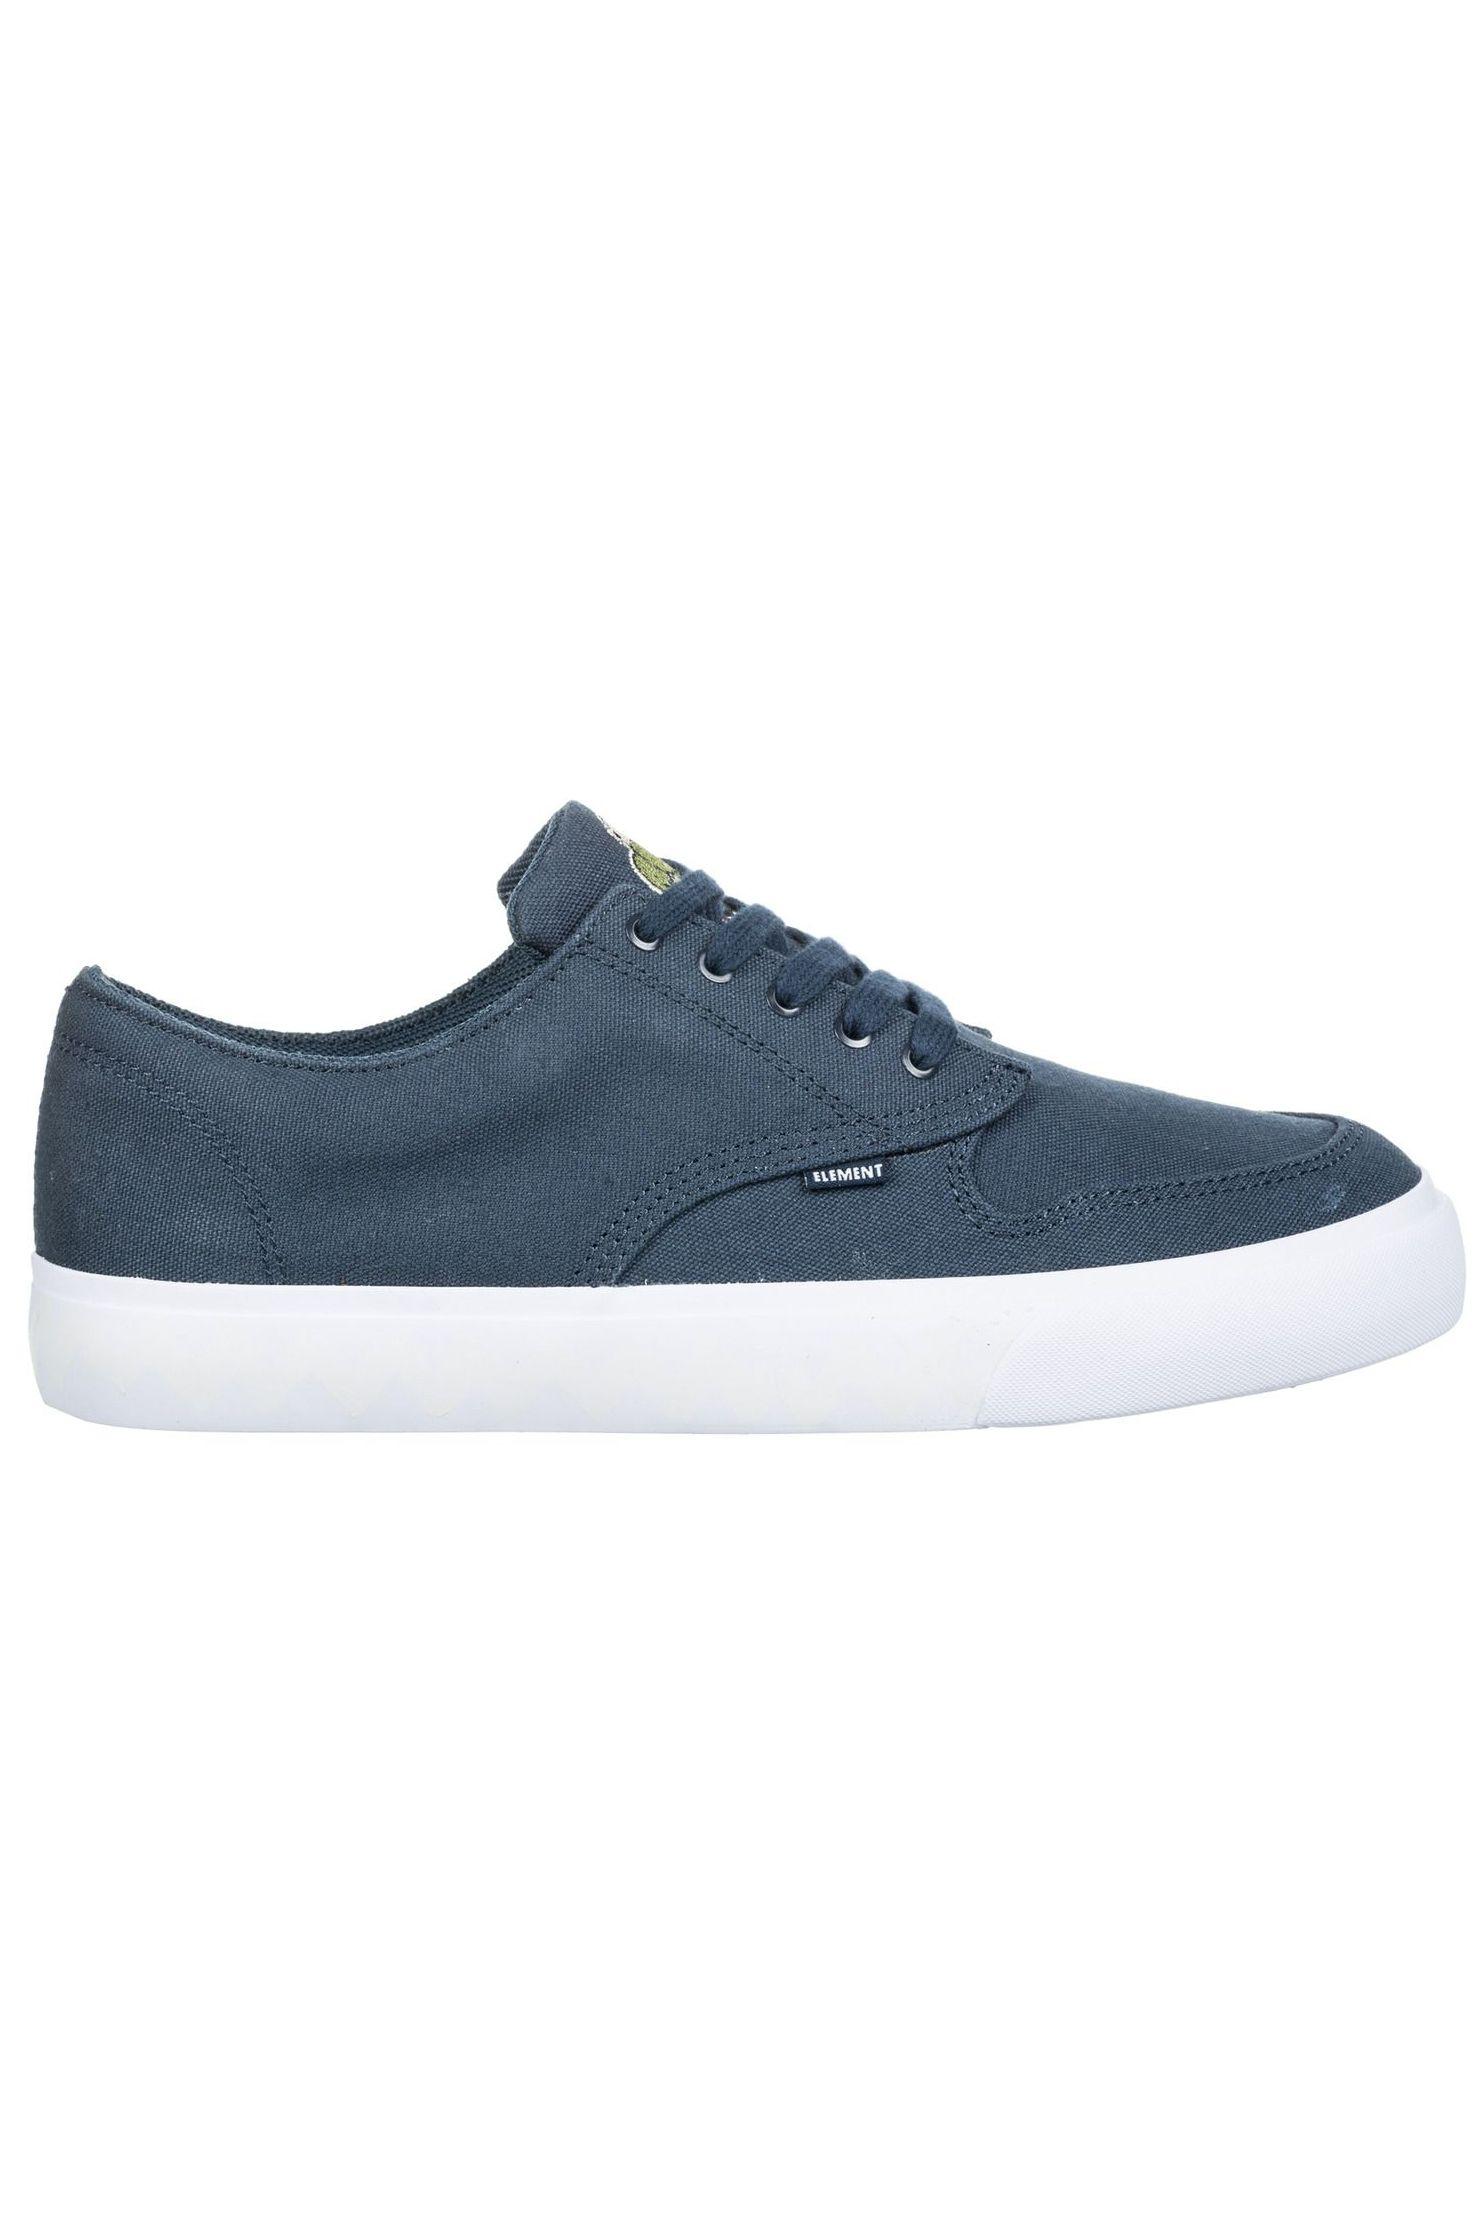 Element Shoes TOPAZ C3 Eclipse Navy